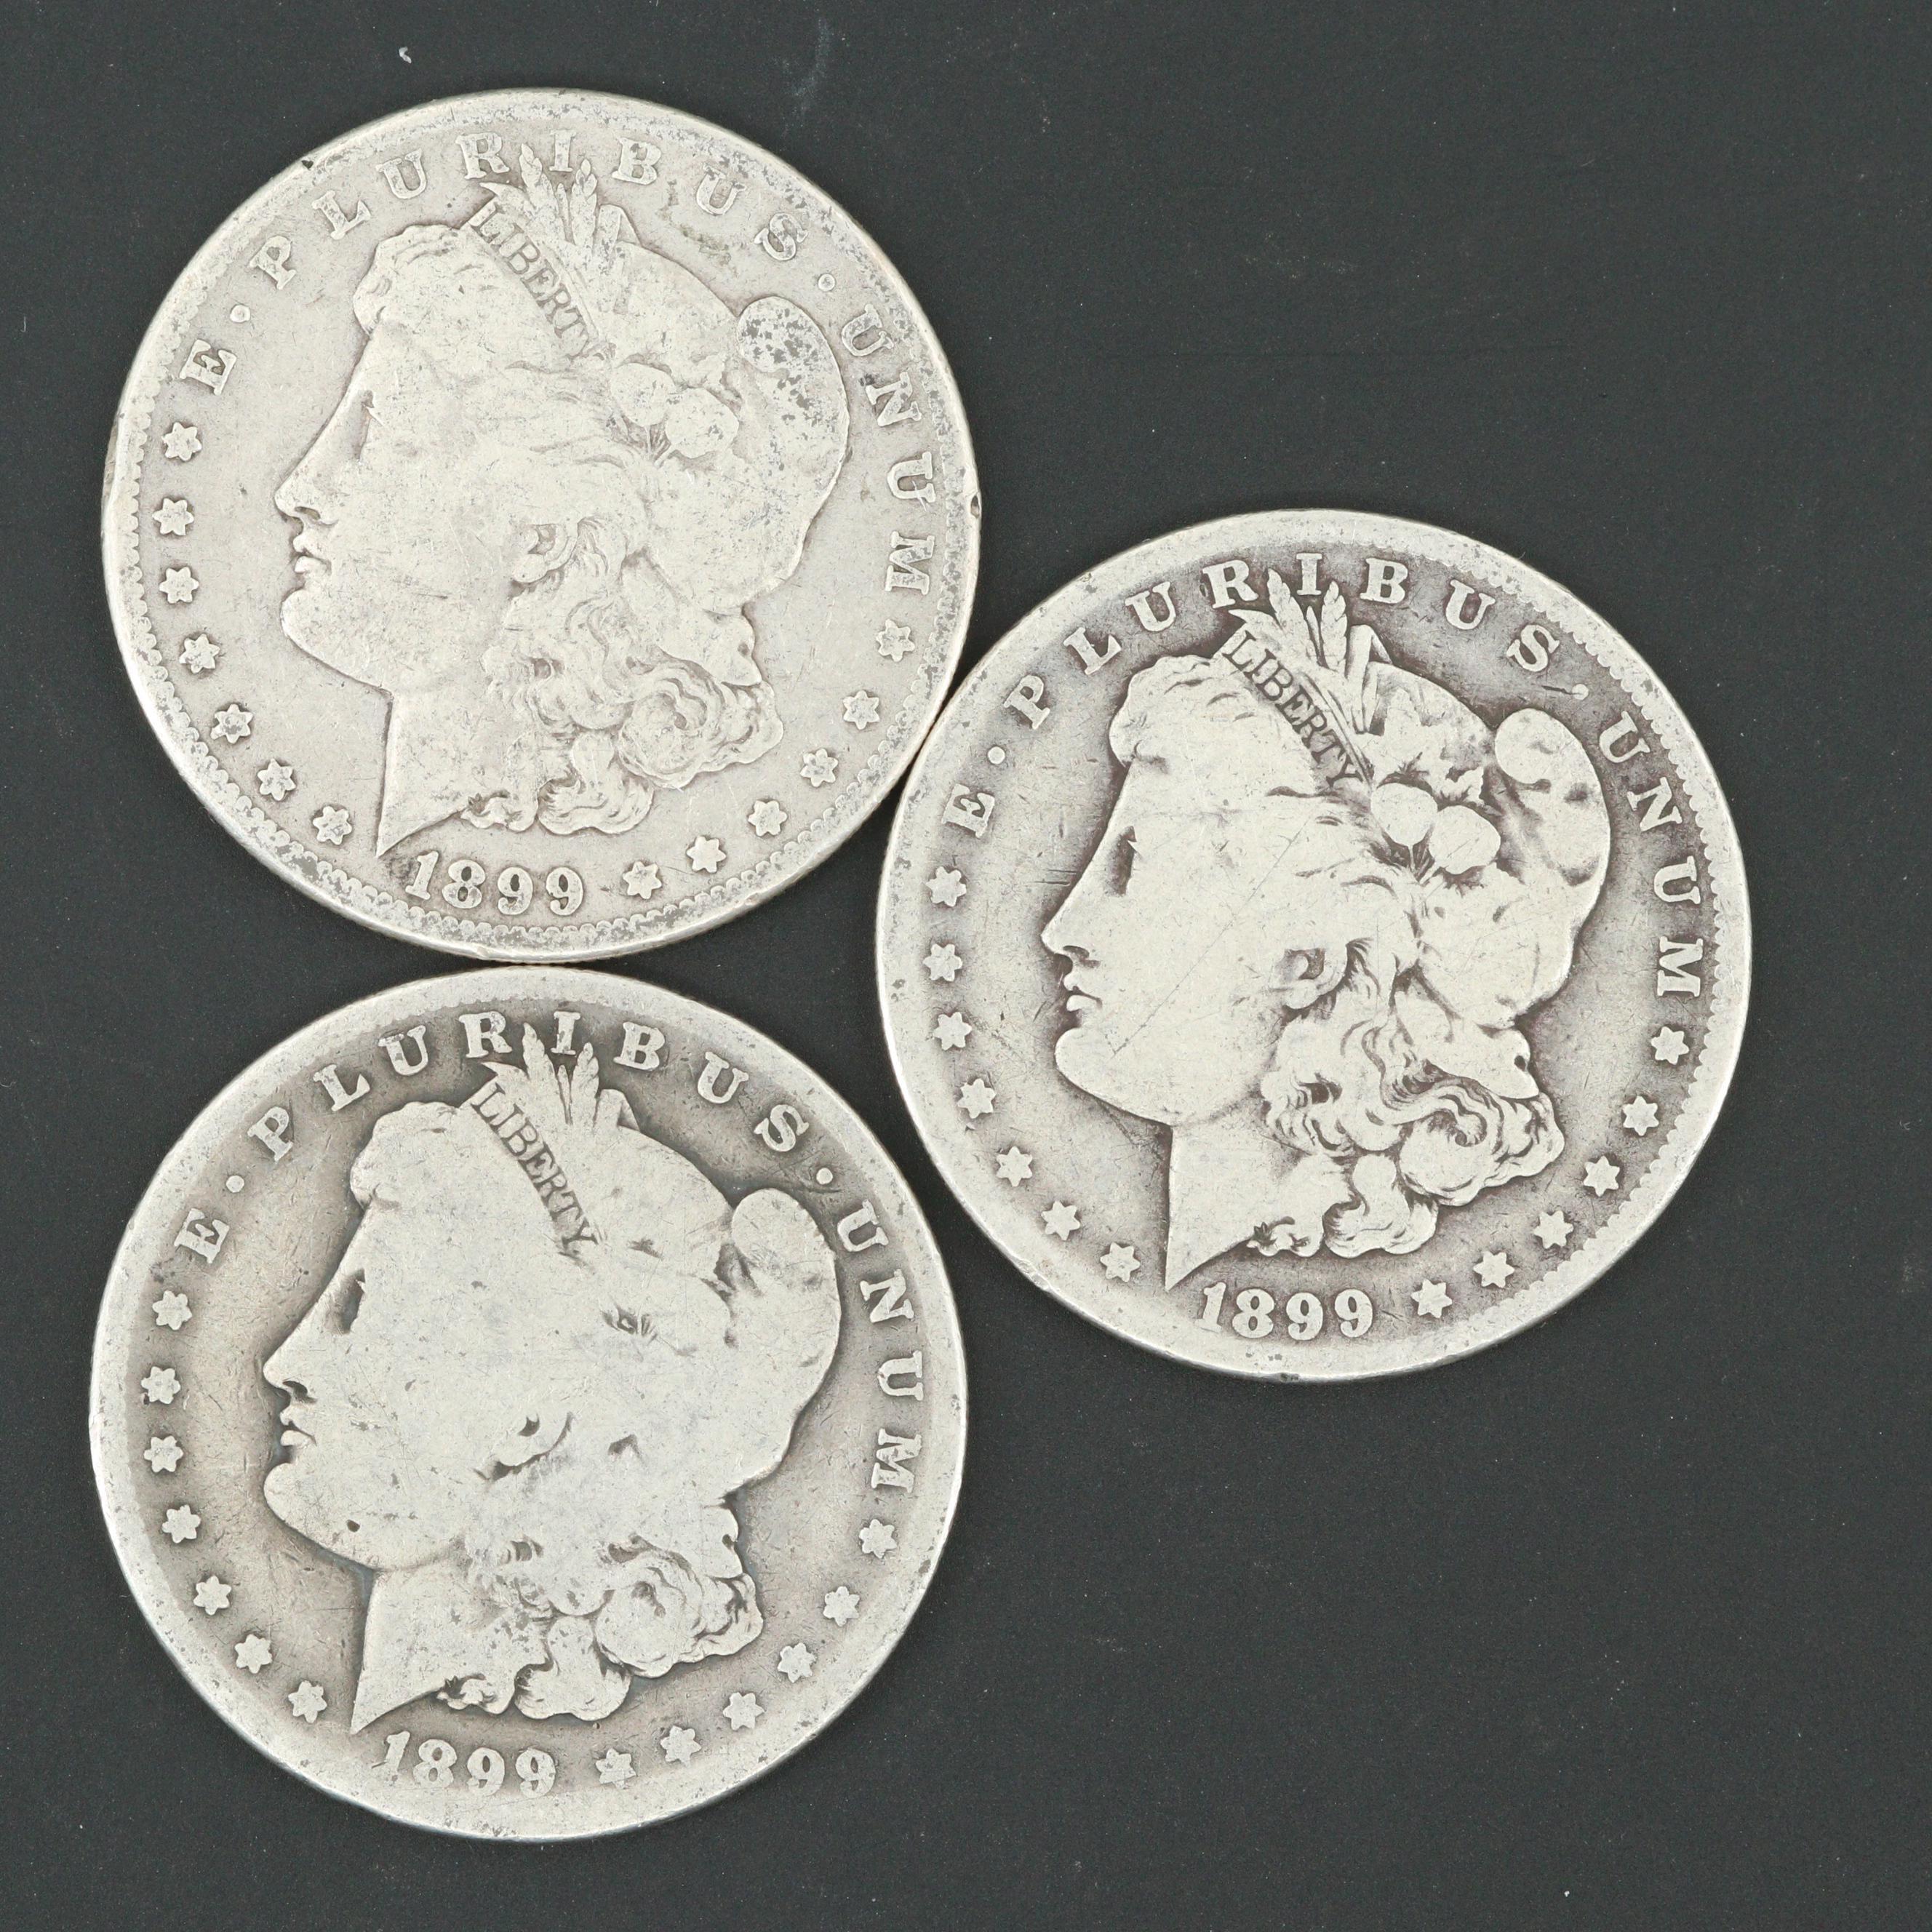 Three 1899-O Morgan Silver Dollars